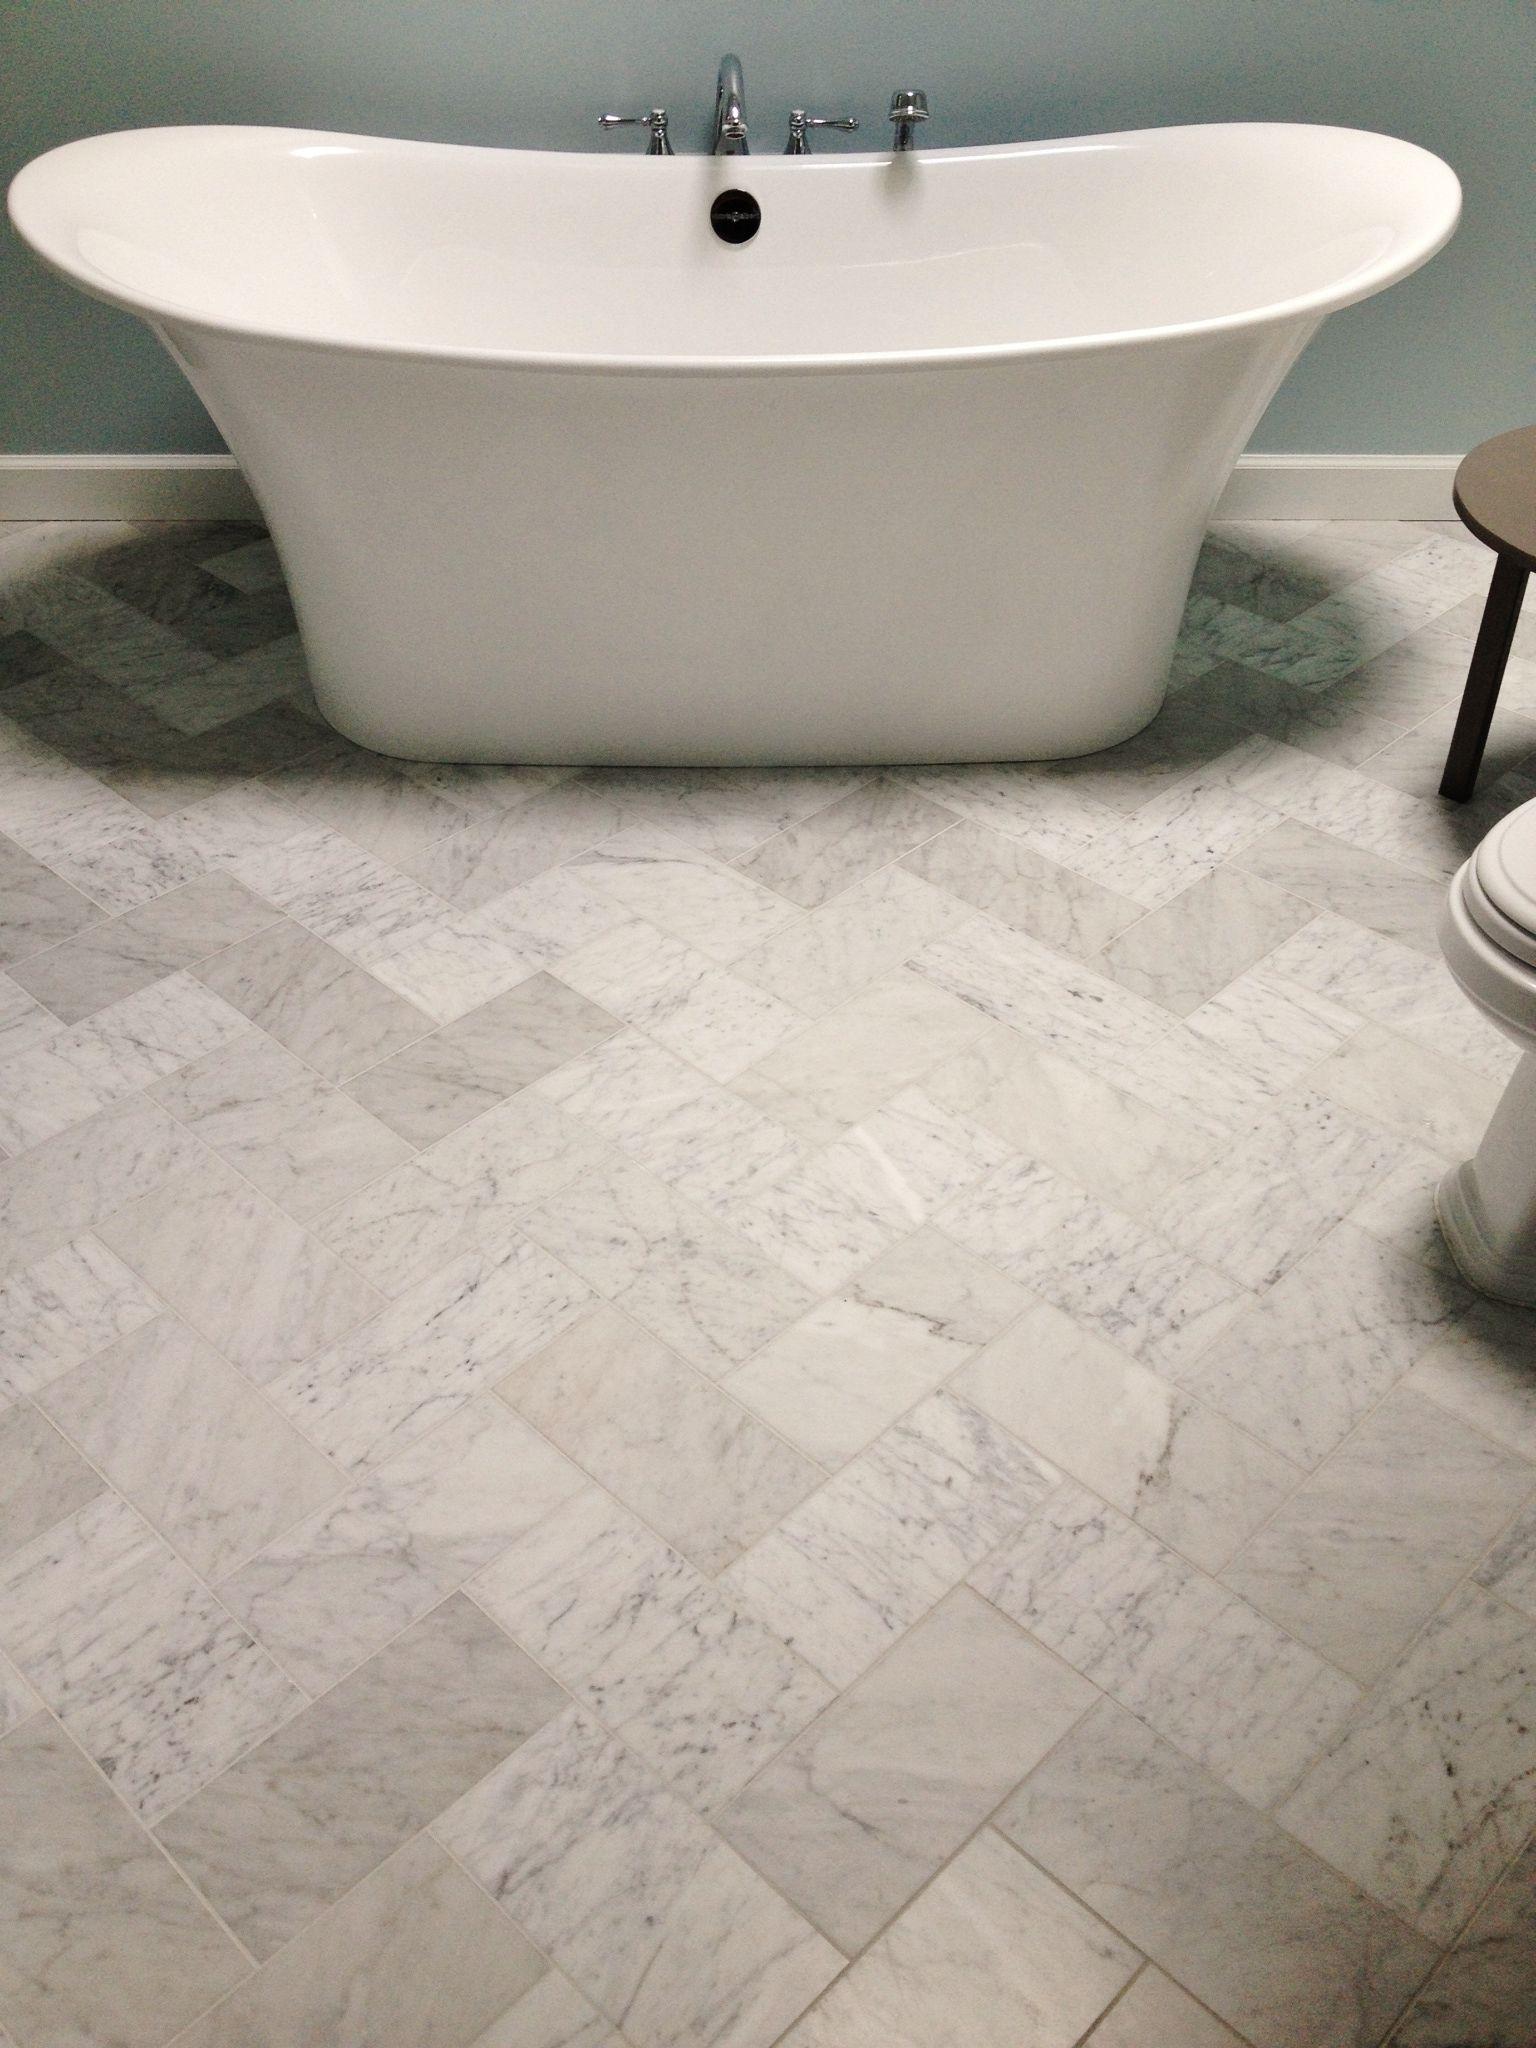 6x12 Venetino Marble Tiles Set In The Herringbone Pattern On This Master Bathroom Floor